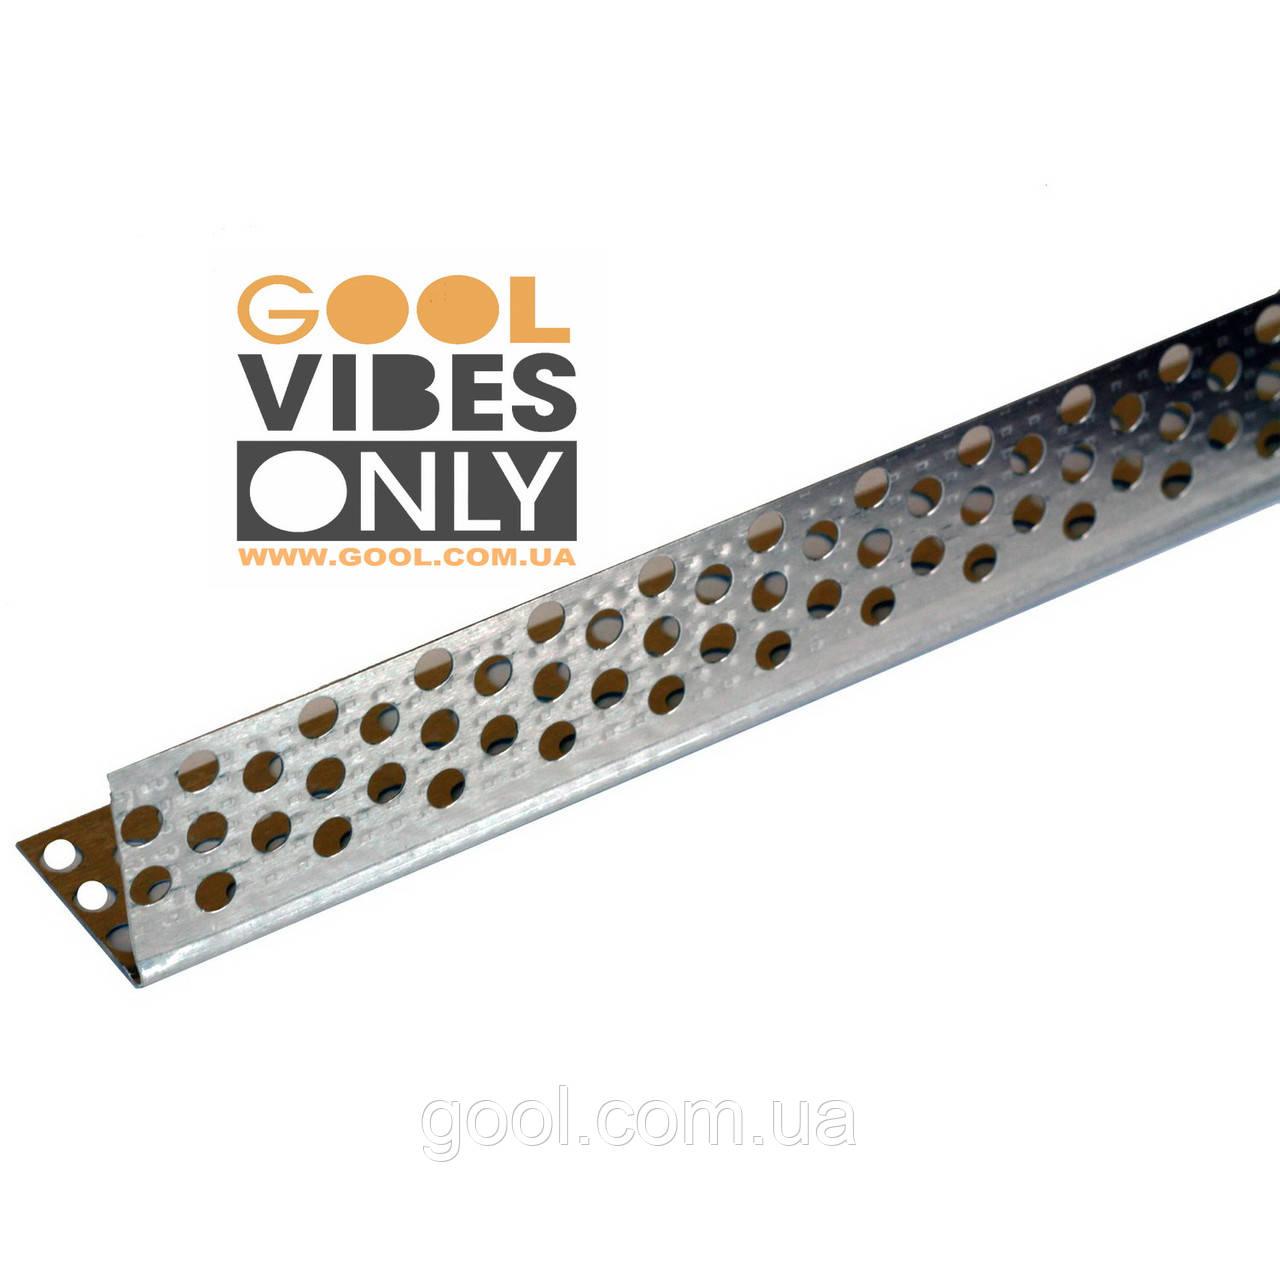 Уголок алюминиевый перфорированный малярный размер 30х30 мм. толщина 0,4 мм. длина 3 м.п. (Польша)